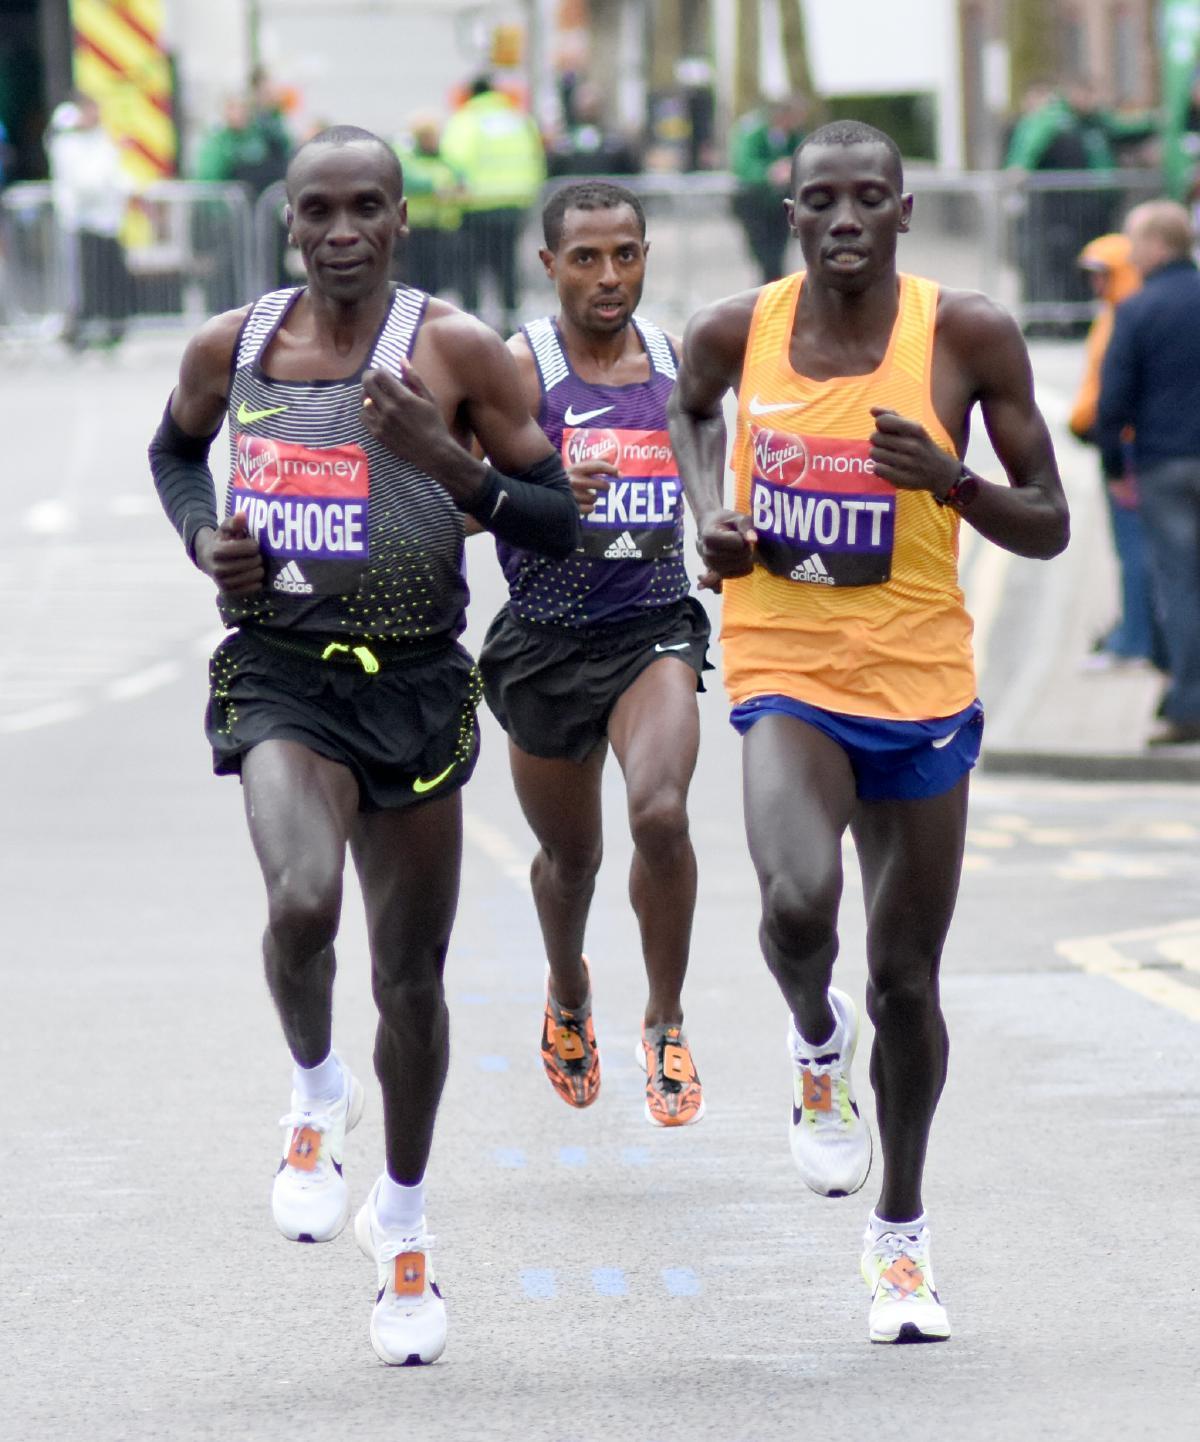 Virgin Money London Marathon am 23. April 2017: Bekele auch in ...